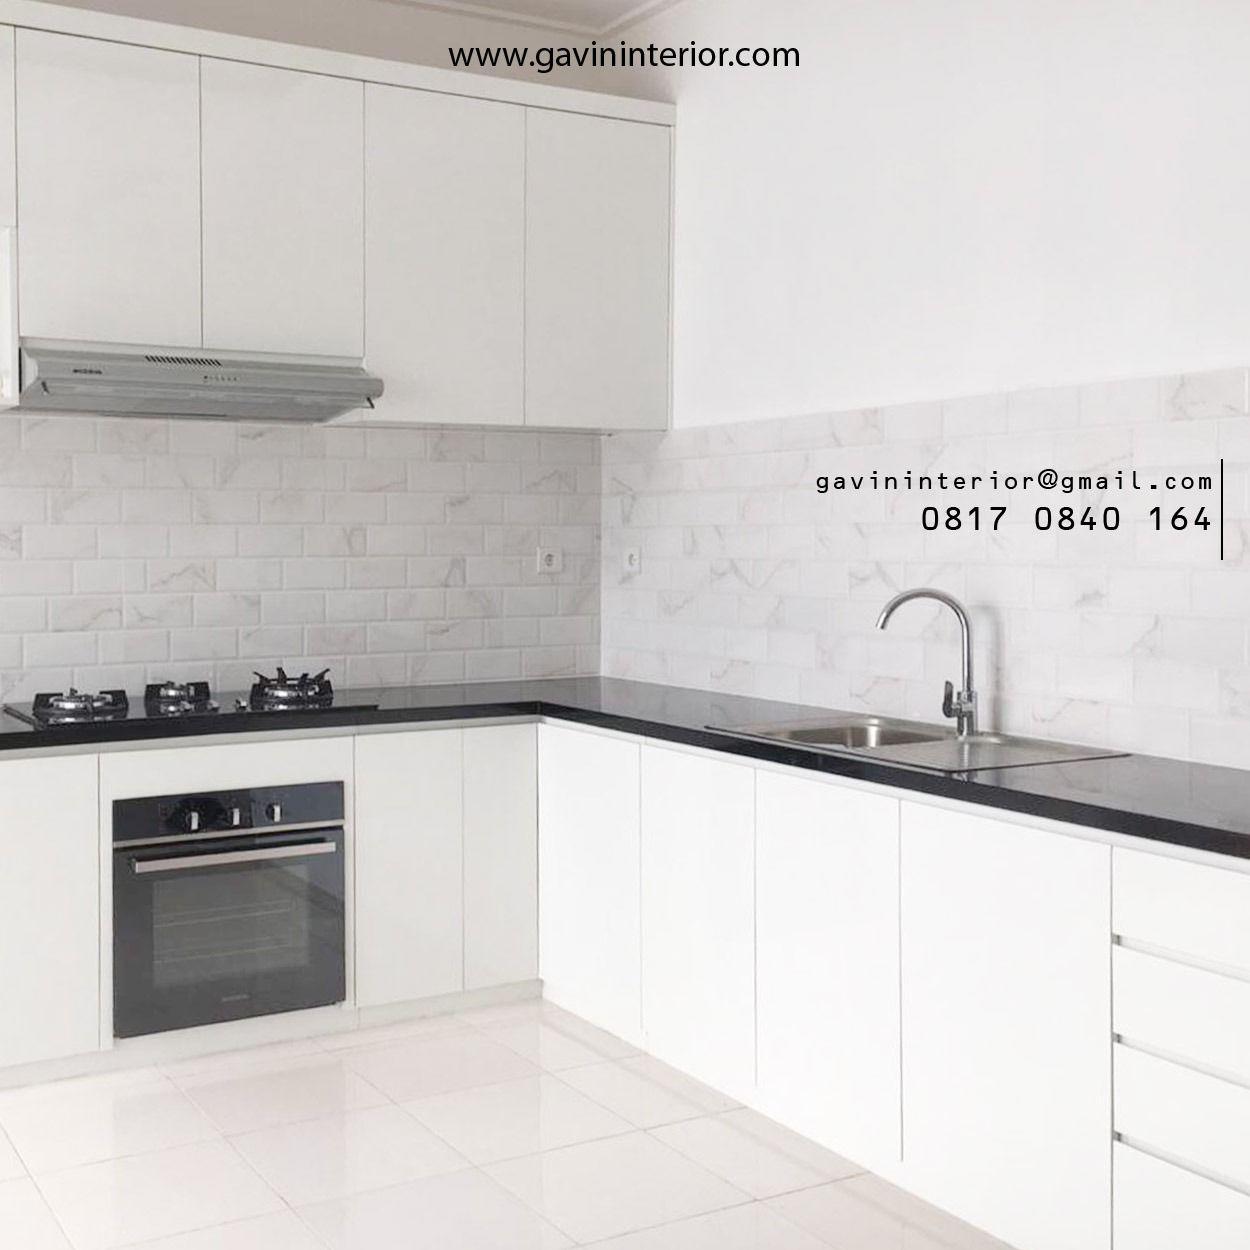 Jika anda ingin dan membutuhkan ide dalam membuat kitchen yang menarik dan juga berbeda dari biasanya